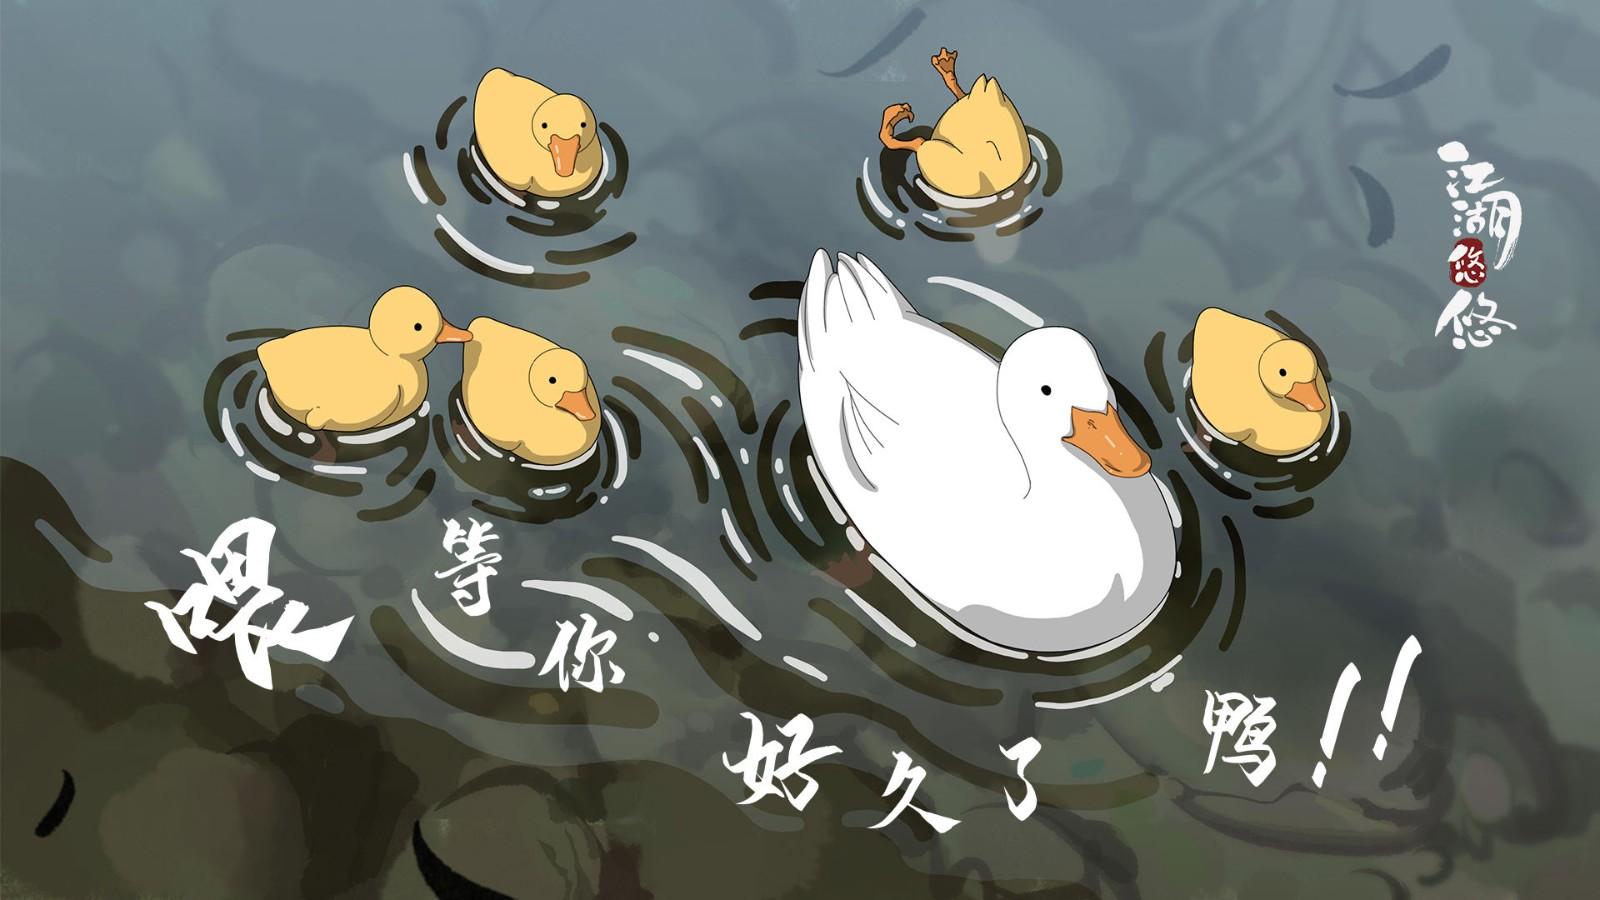 江湖悠悠出行酒携带方法是什么?